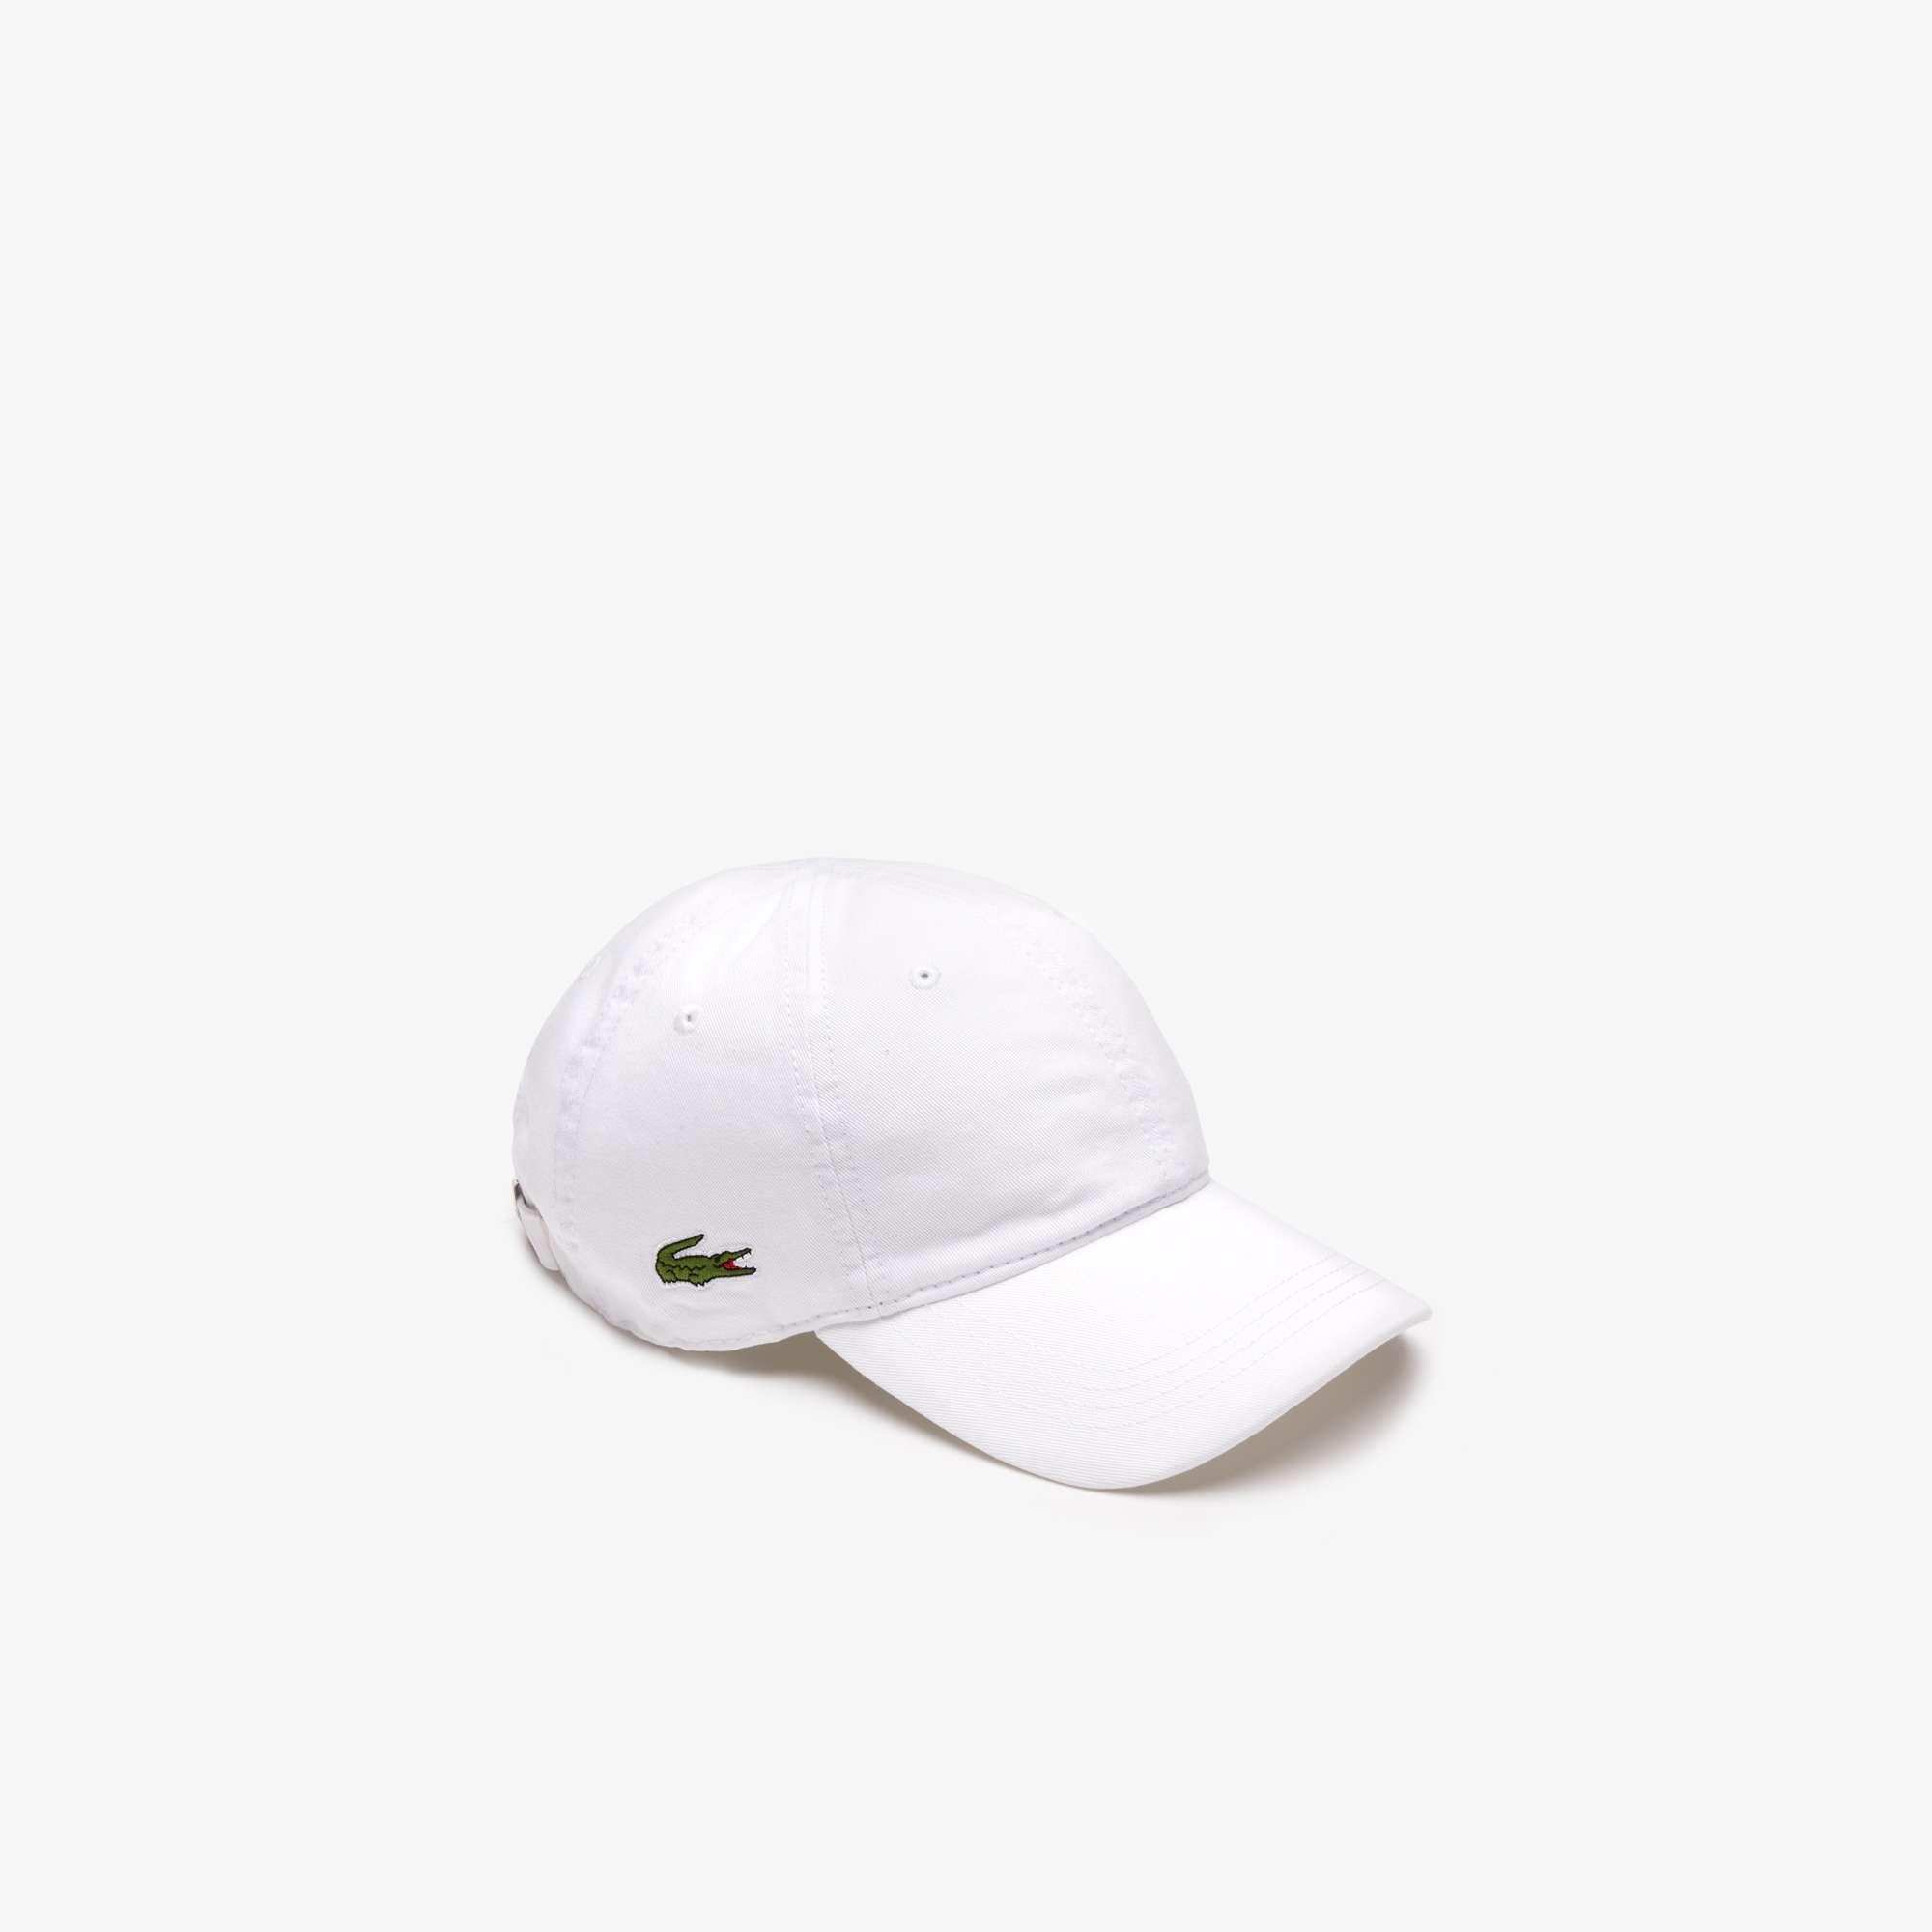 79b66f6a Details about Lacoste Cotton Cap White